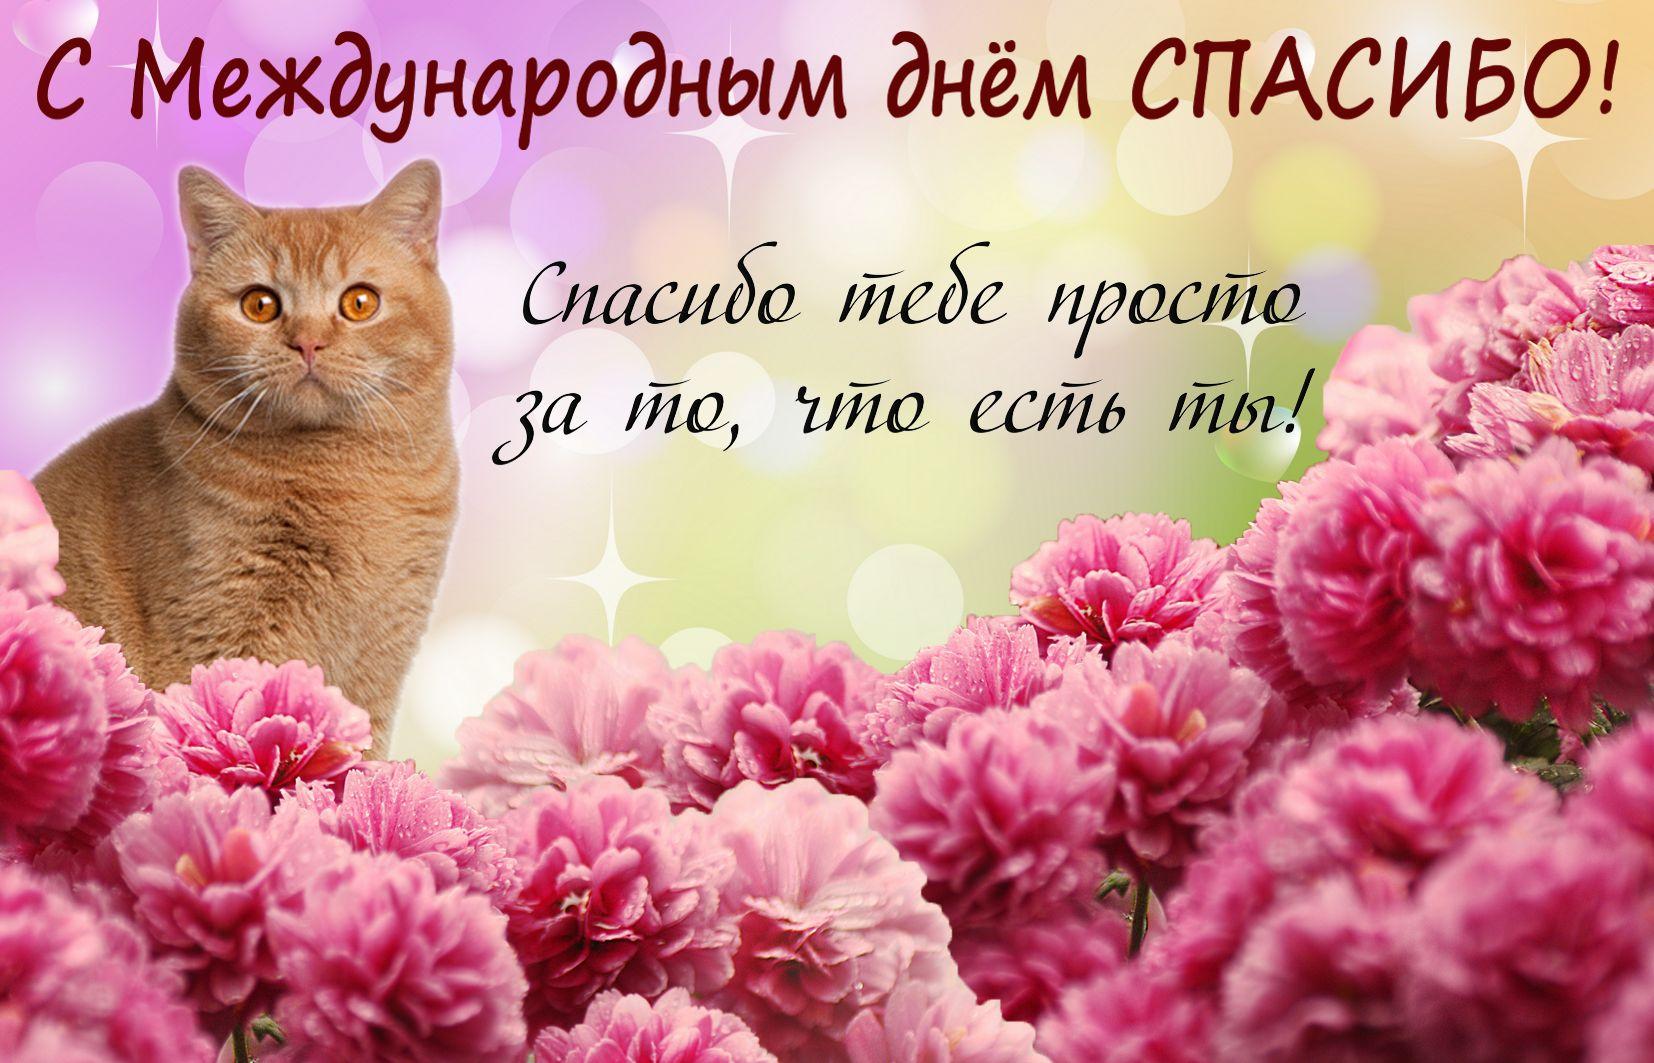 Открытка на День спасибо - красивый котик на фоне розовых цветов